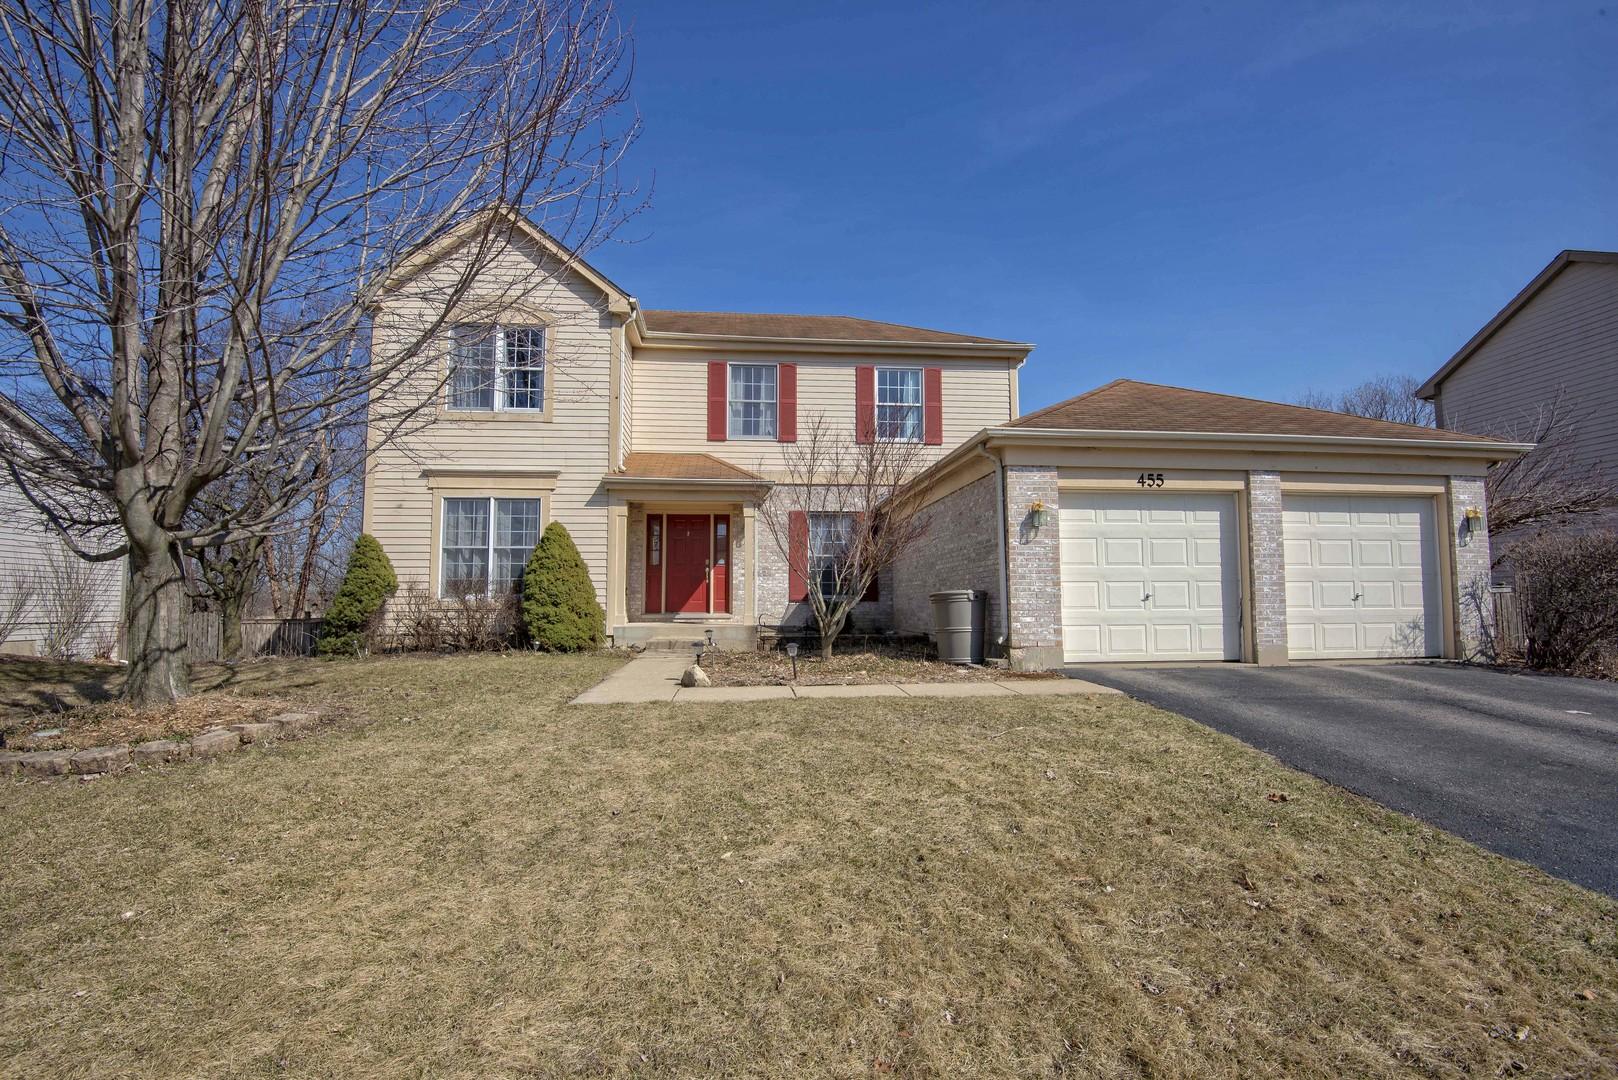 455 Springwood ,Bolingbrook, Illinois 60440